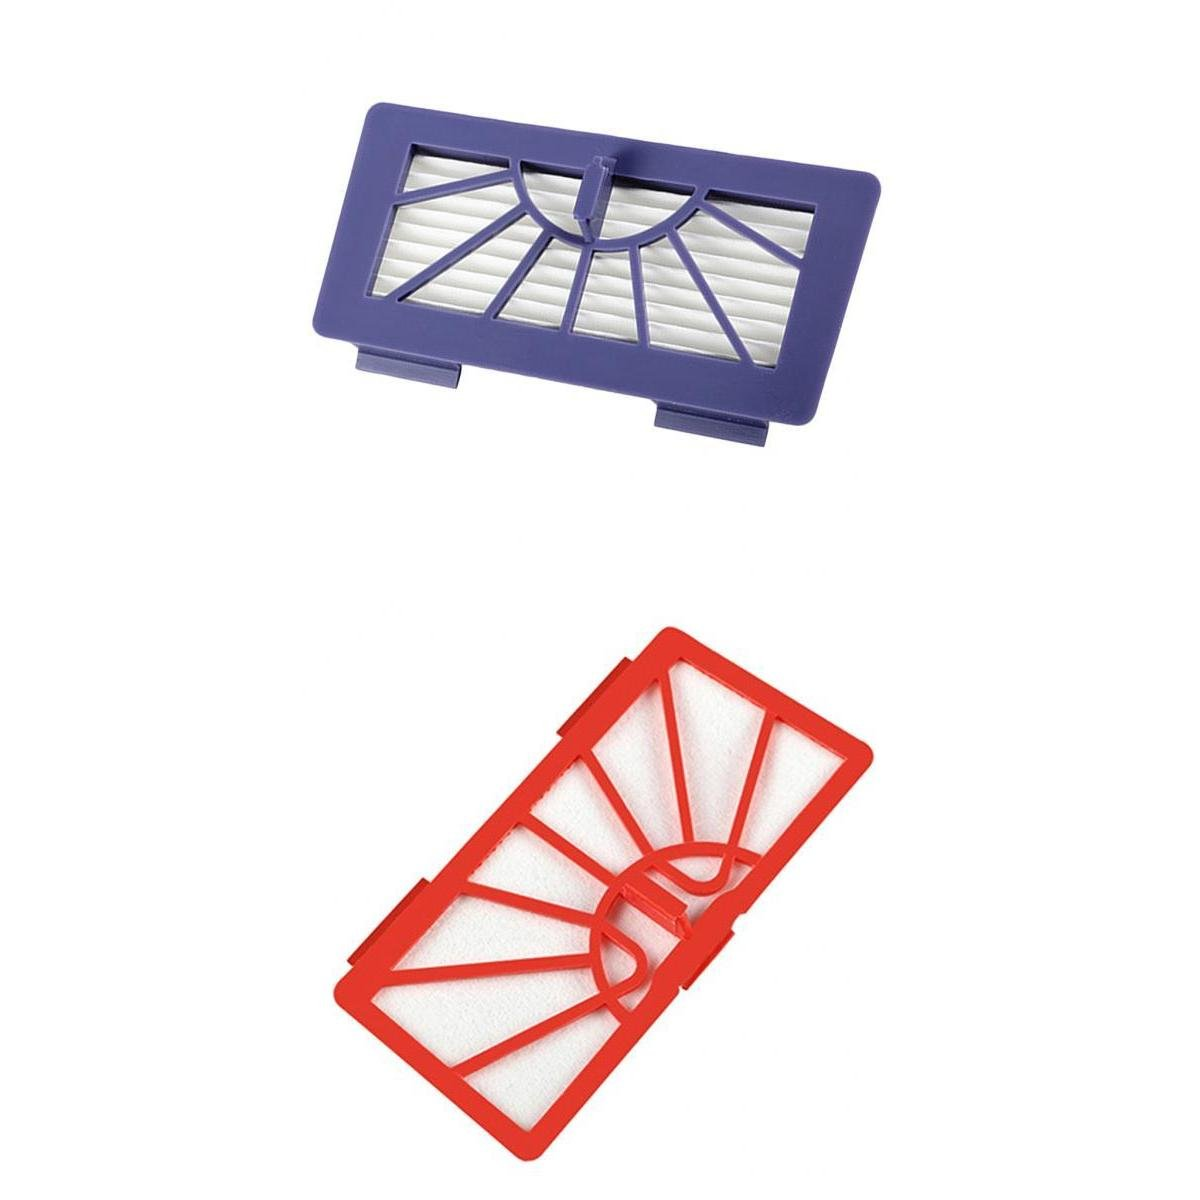 Fenteer 2 x Filtro de repuesto para Neato XV de serie Robot aspirador, morado y rojo: Amazon.es: Hogar